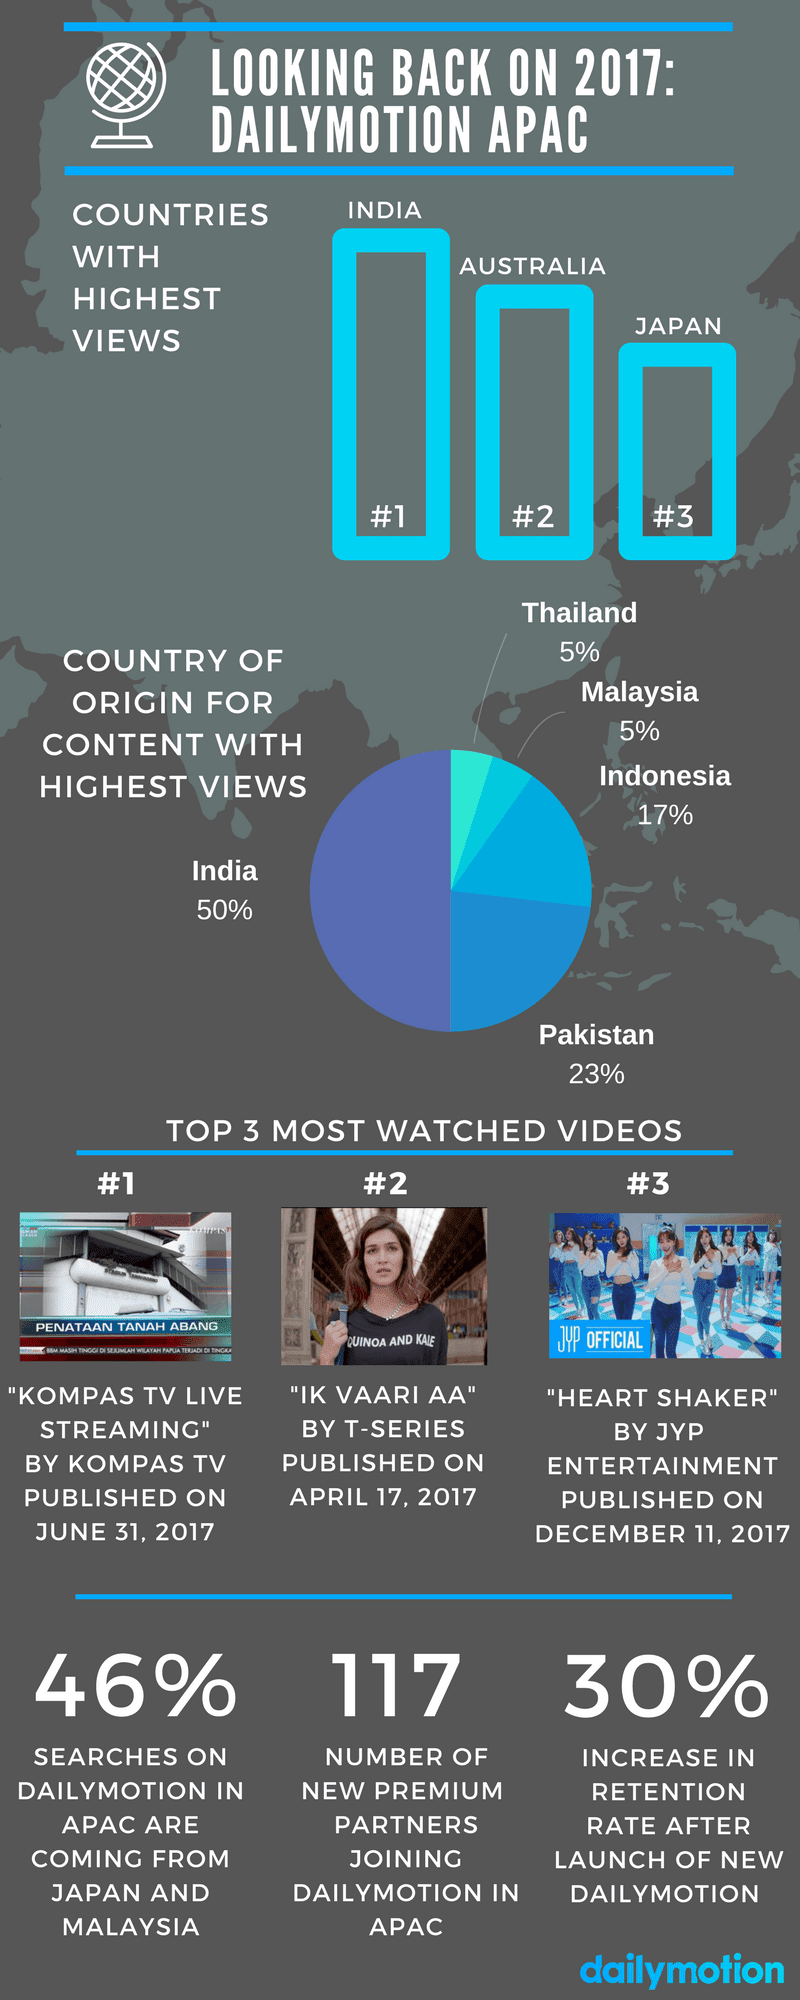 Người Ấn Độ xem video trên Dailymotion cao nhất APAC